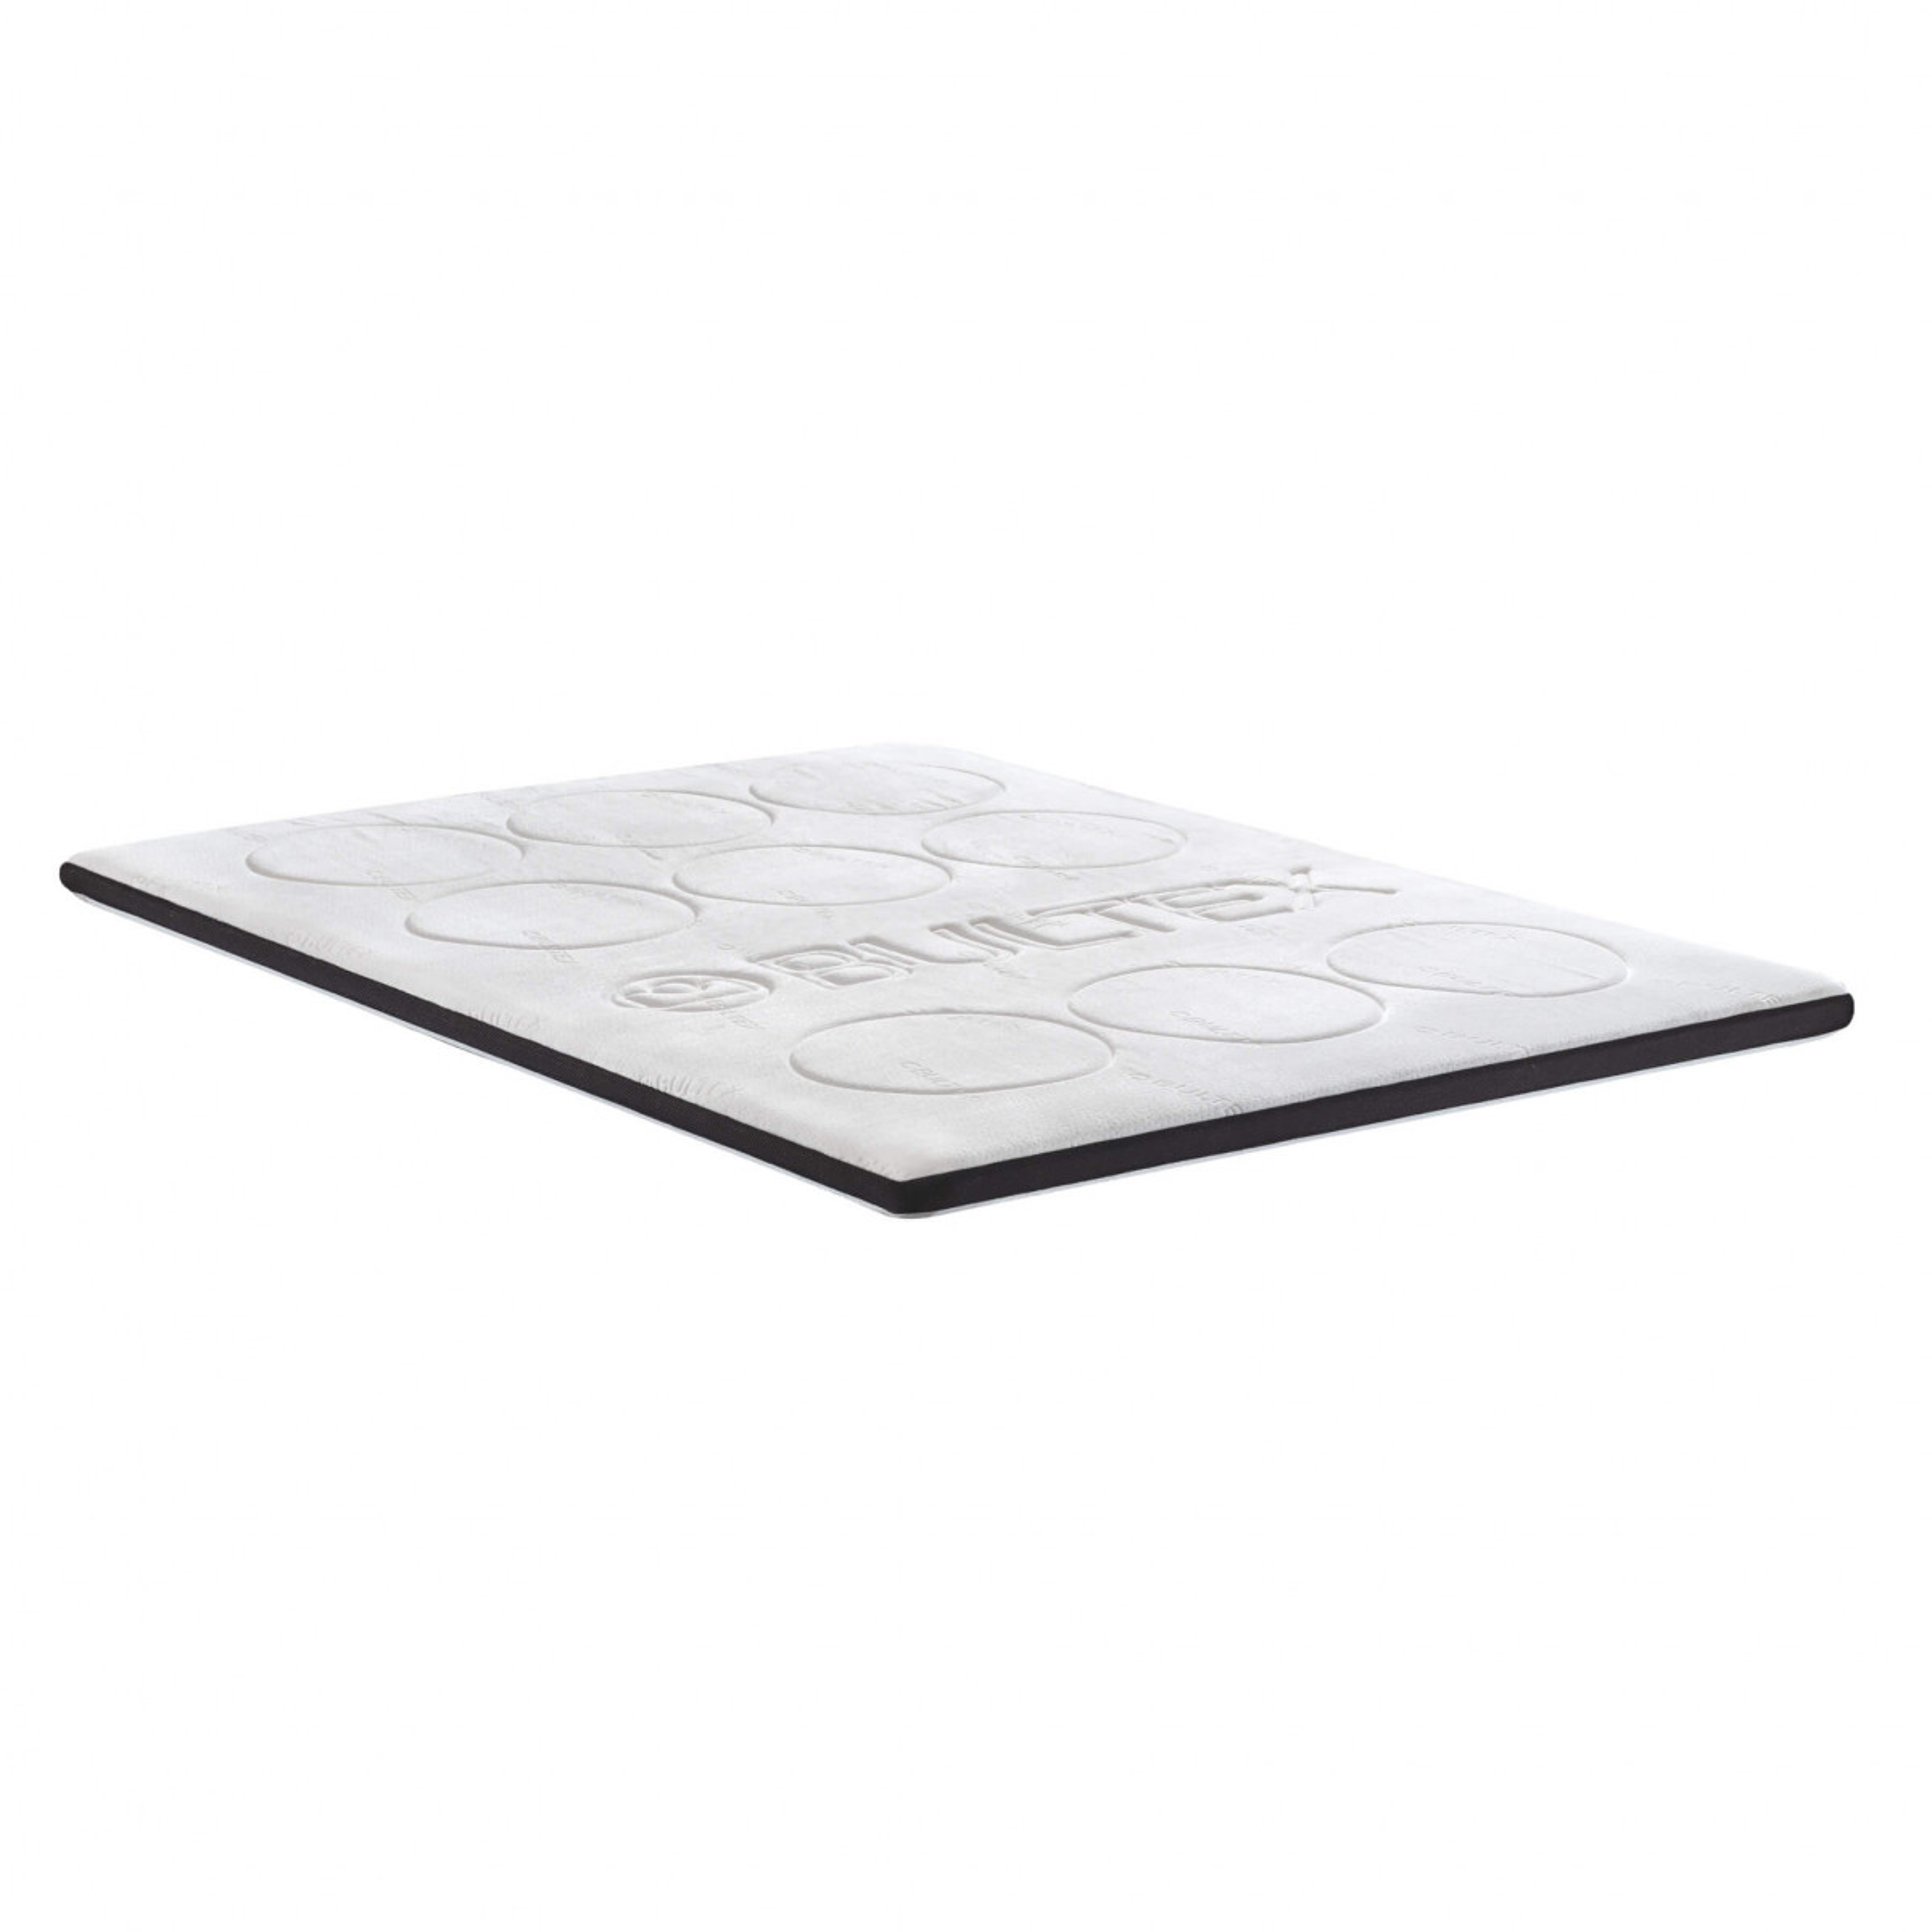 Surmatelas confort à mémoire de forme épaisseur 7cm 160x200